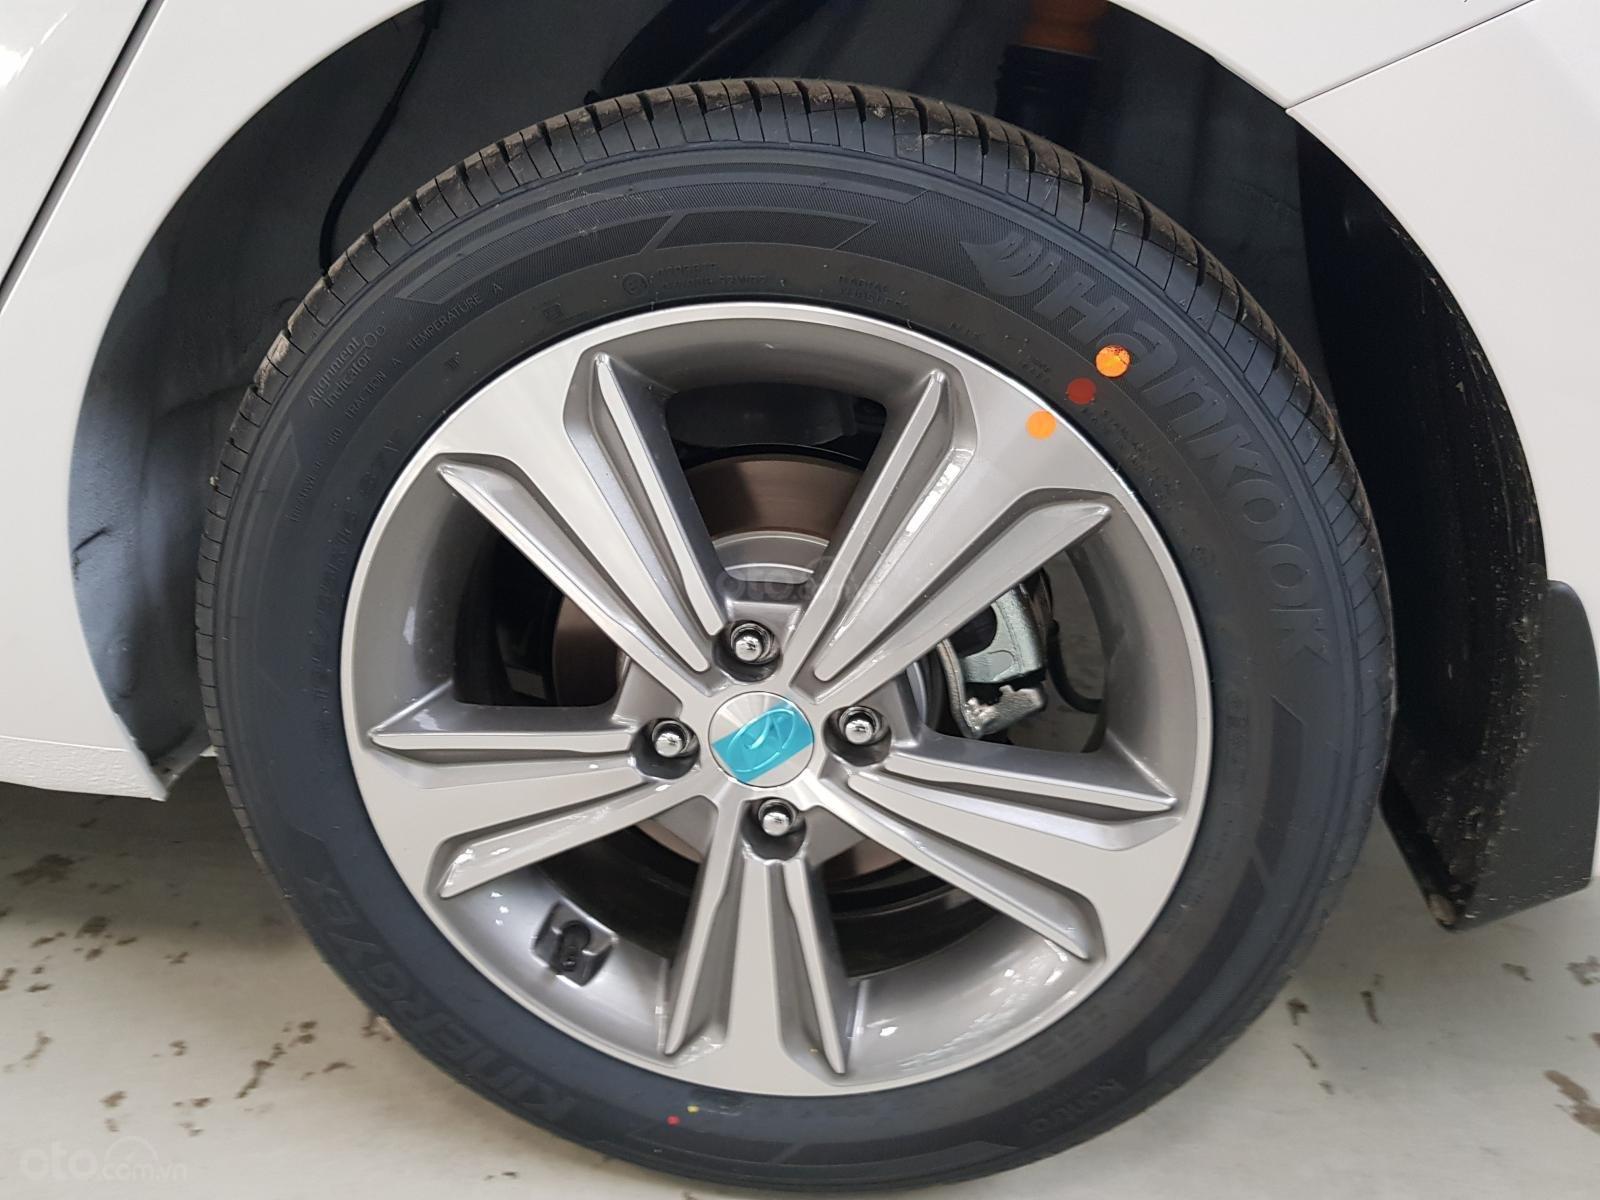 Bán Hyundai Accent 1.4 AT đặc biệt, hỗ trợ trả góp, xe đủ màu giao ngay (7)